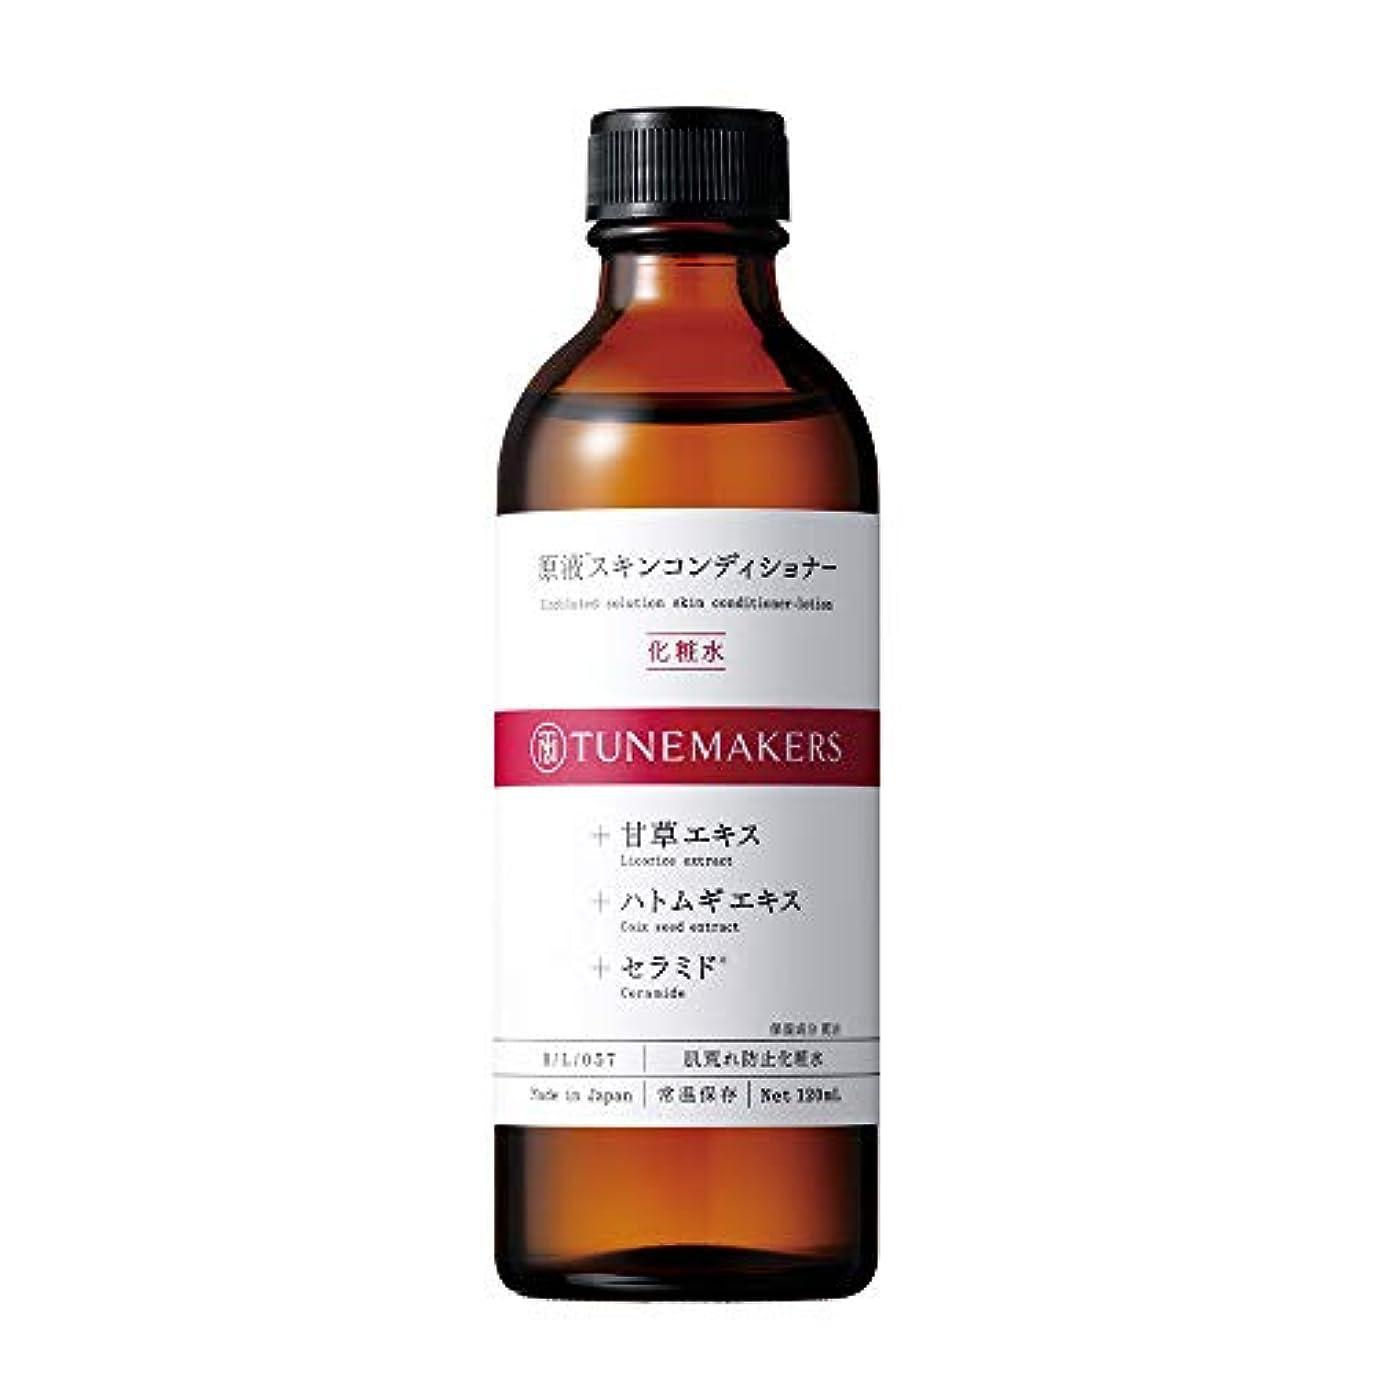 メッセンジャー豆美徳TUNEMAKERS(チューンメーカーズ) 原液スキンコンディショナー化粧水 120ml